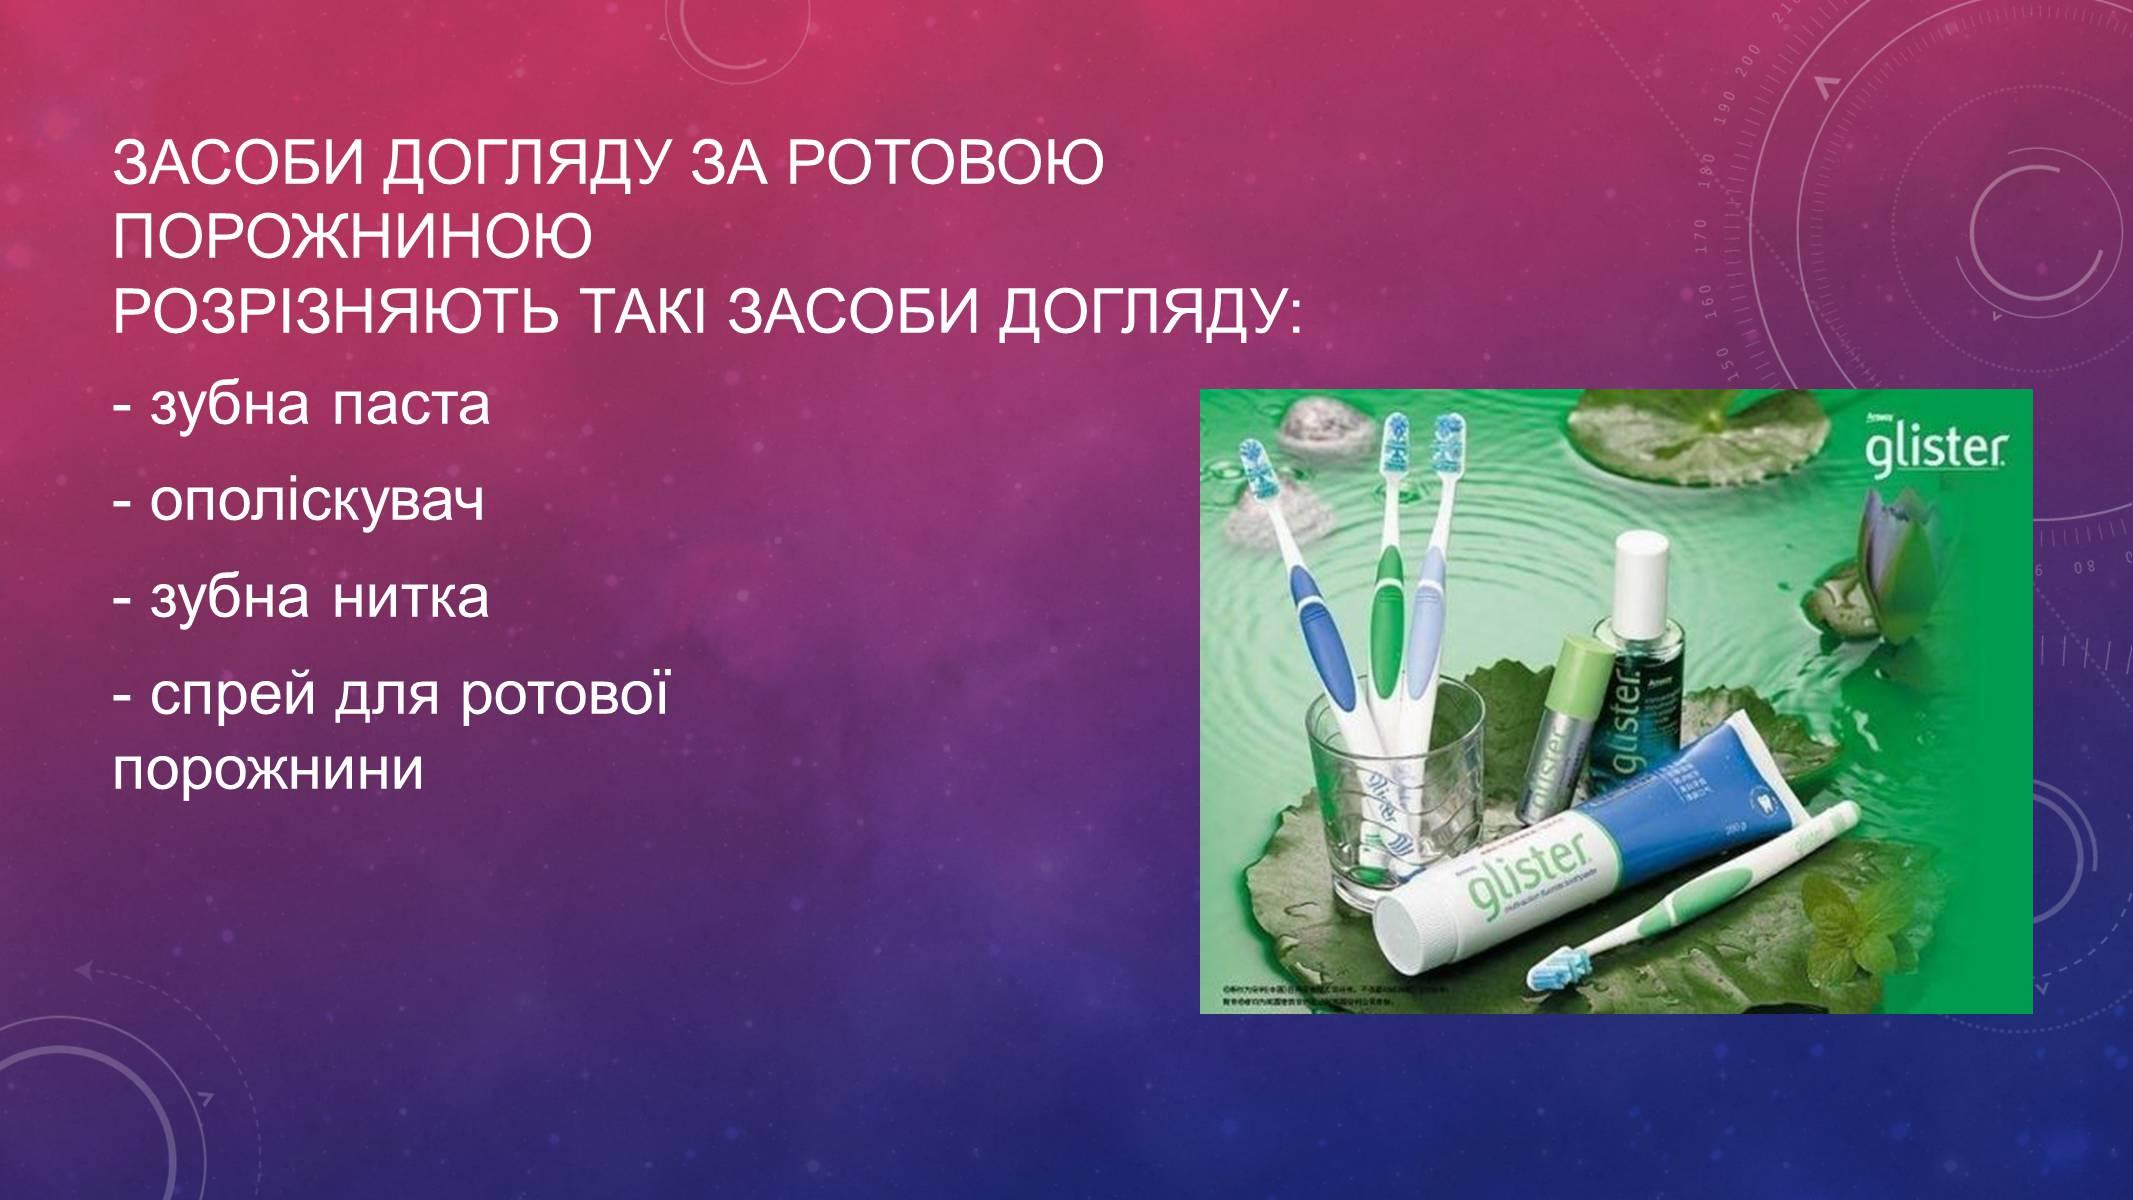 Презентація на тему «Засоби особистої гігієни» (варіант 2) - Слайд  10 59429a385b3a5